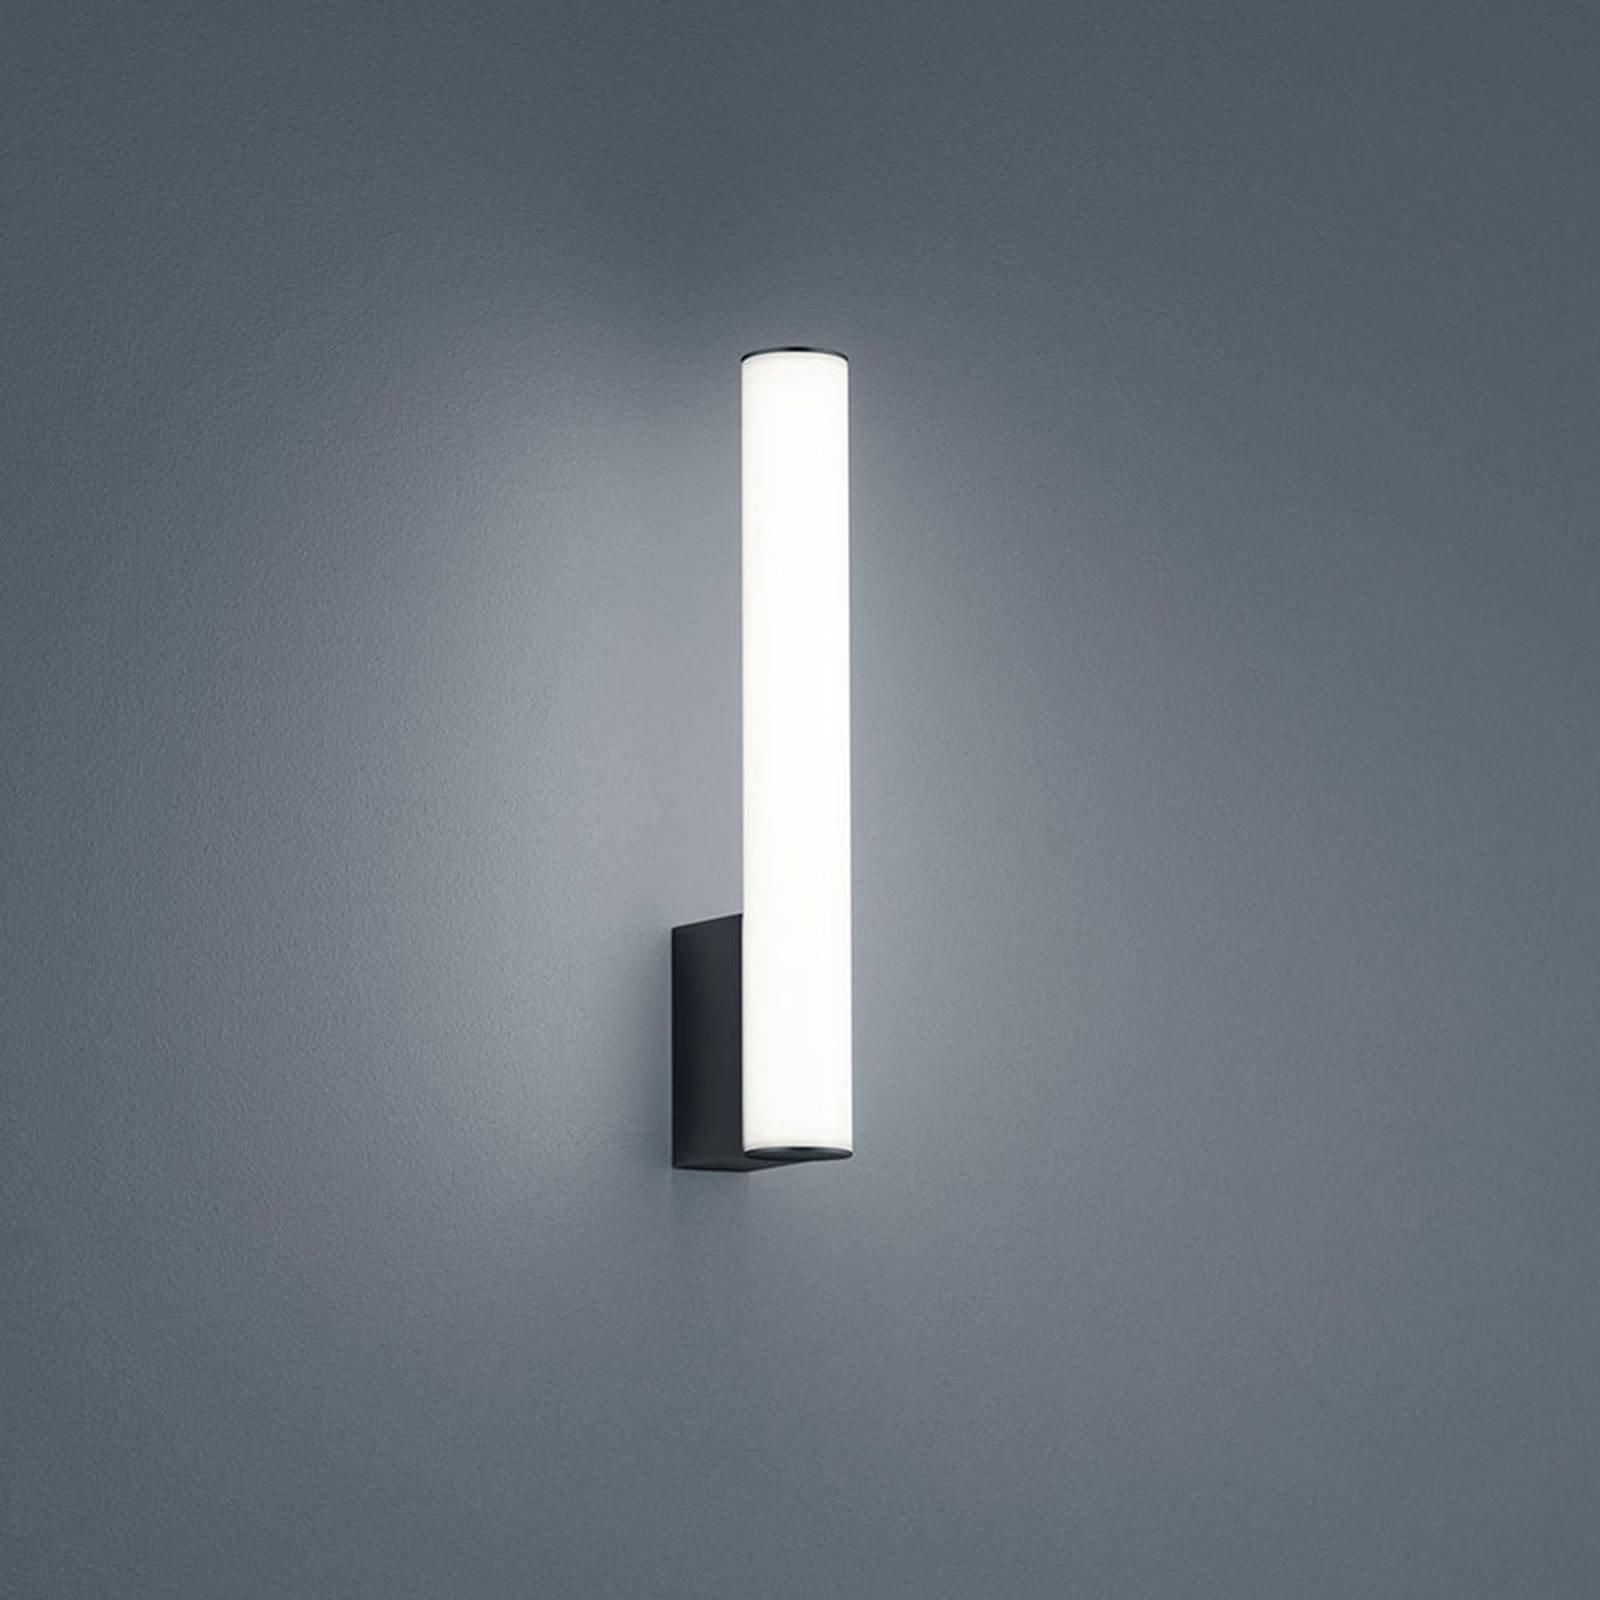 Helestra Loom LED-speillampe, svart, 30 cm